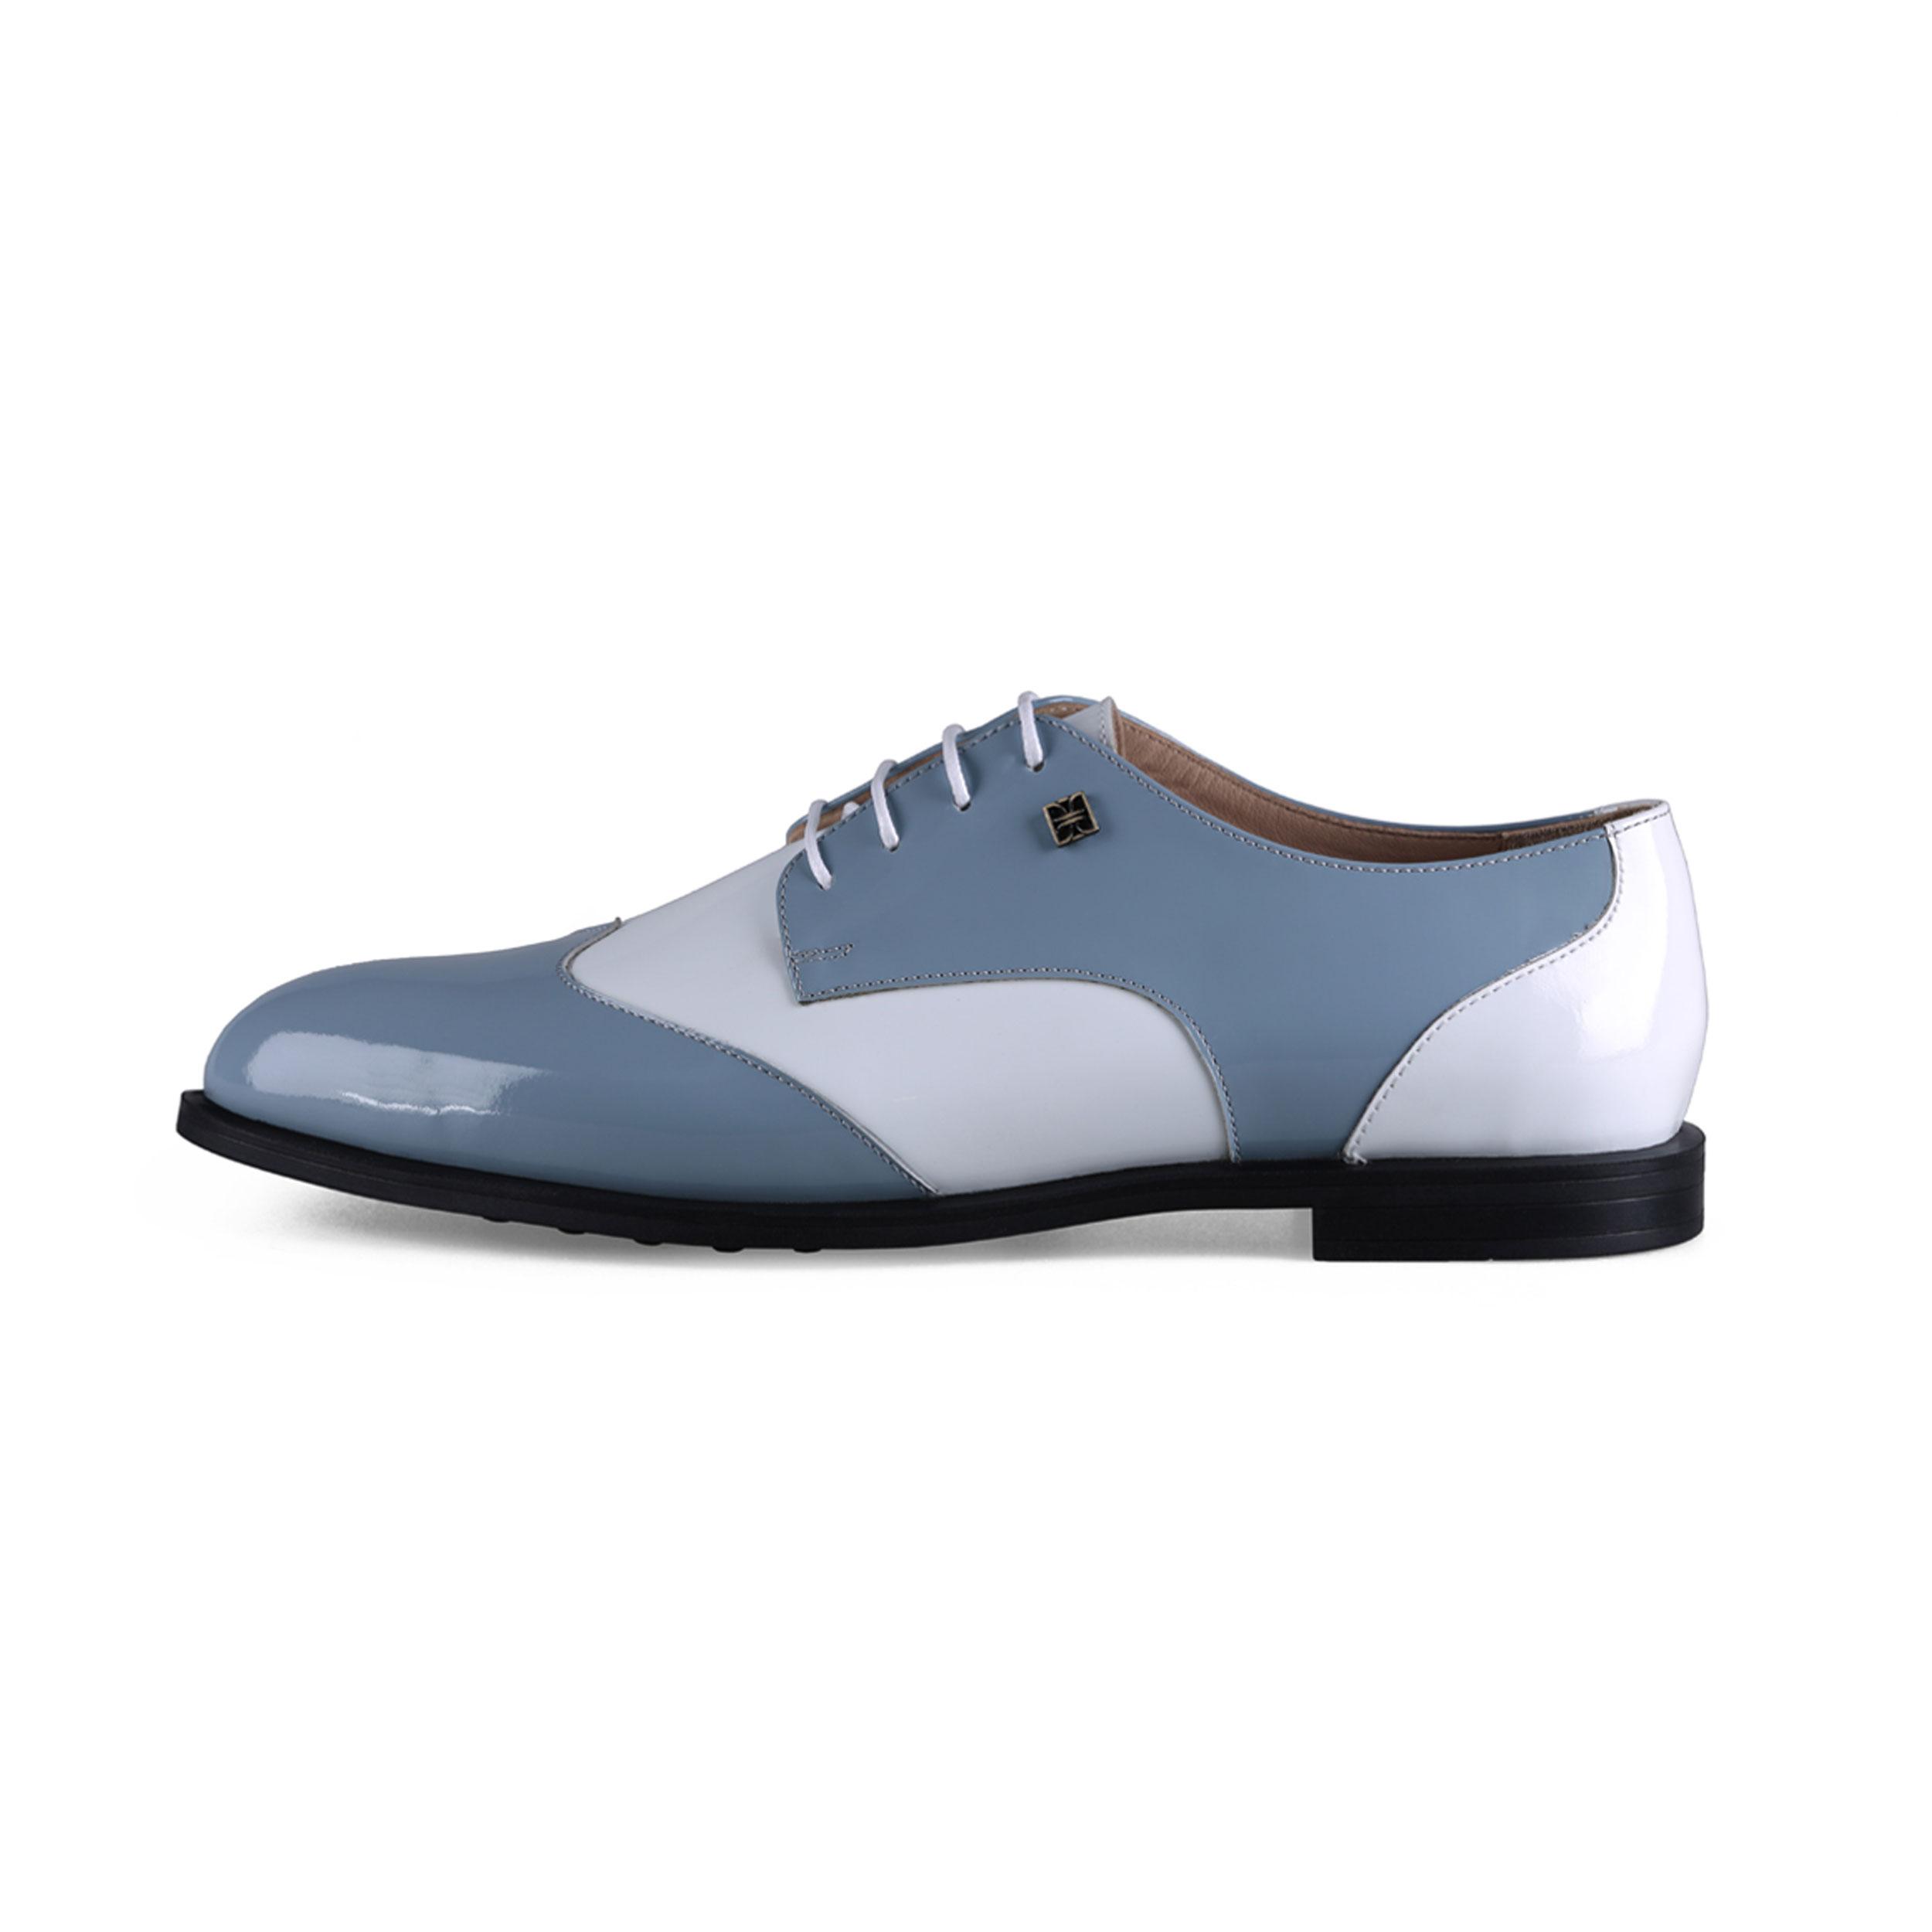 کفش زنانه درسا مدل 2481-24213